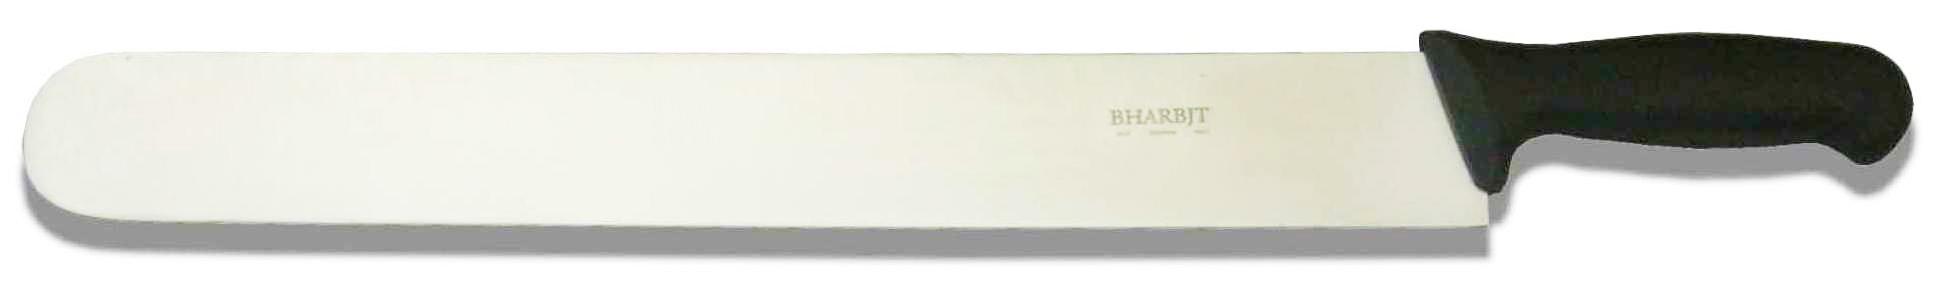 Coltello per formaggio a pasta semidura grande formato